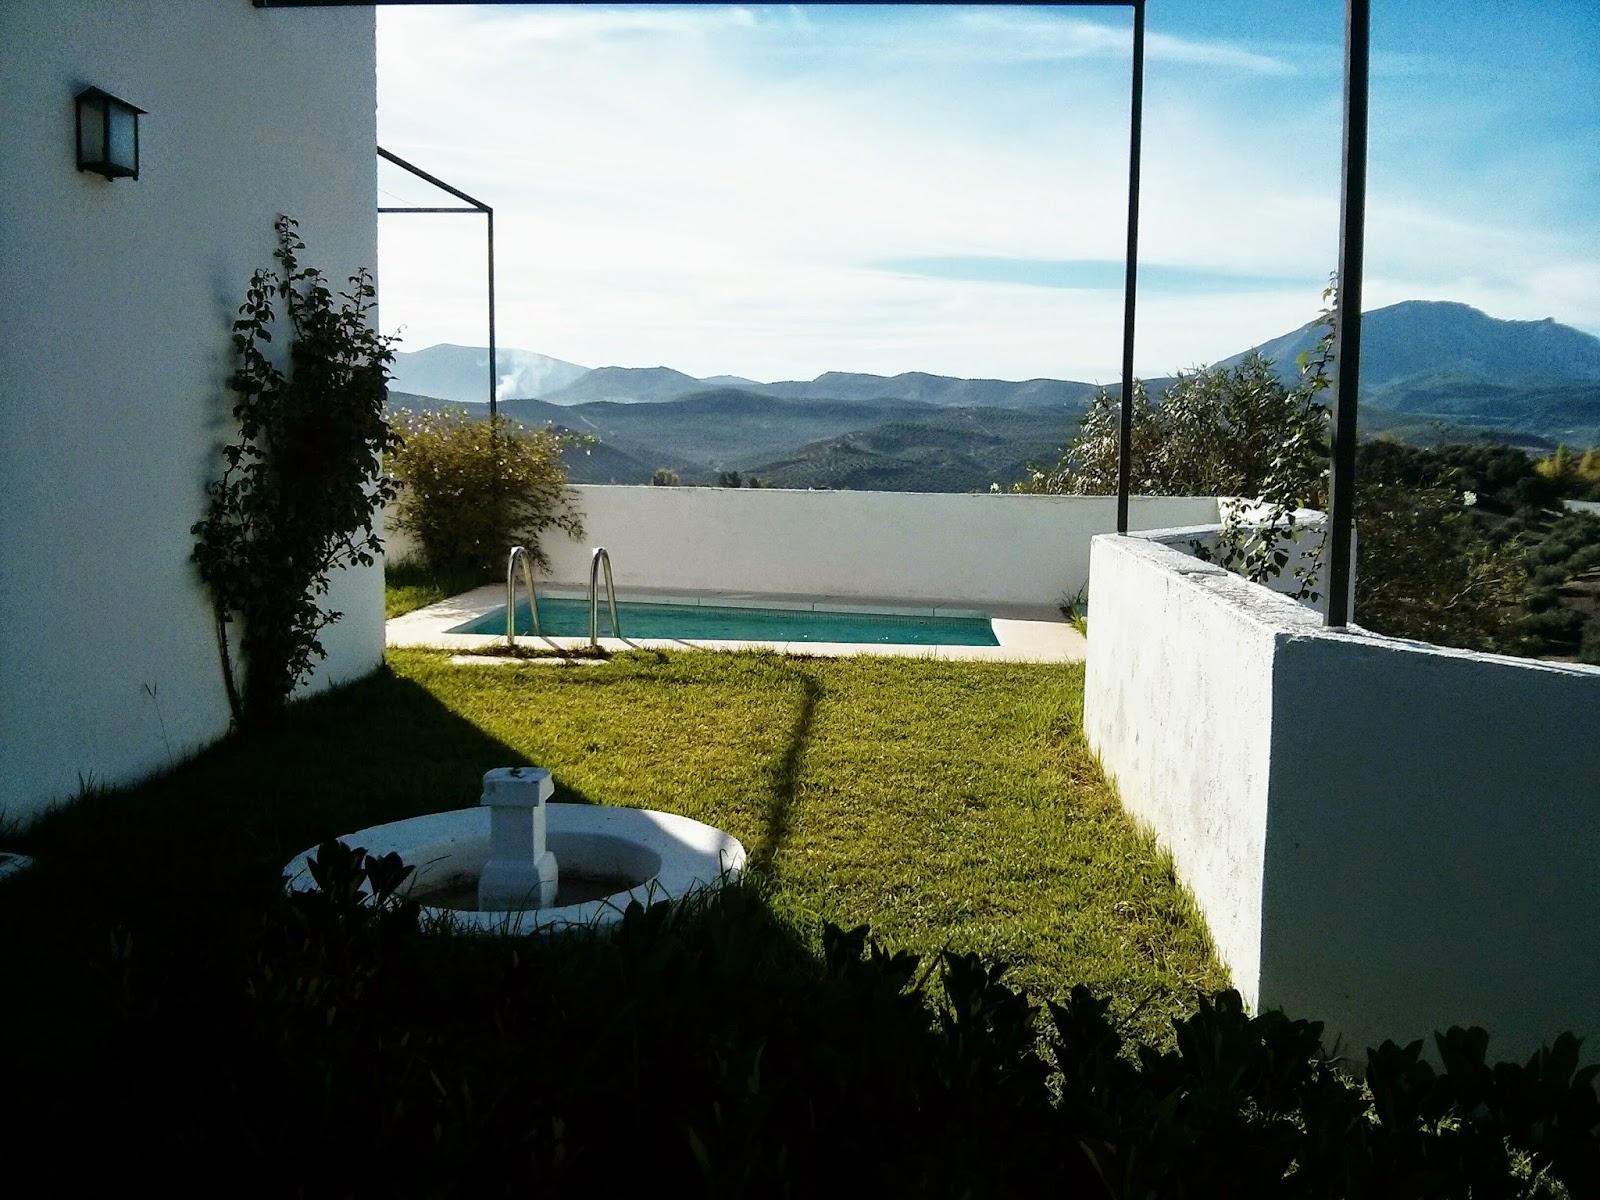 Villa Turística de Priego - Piscina privada